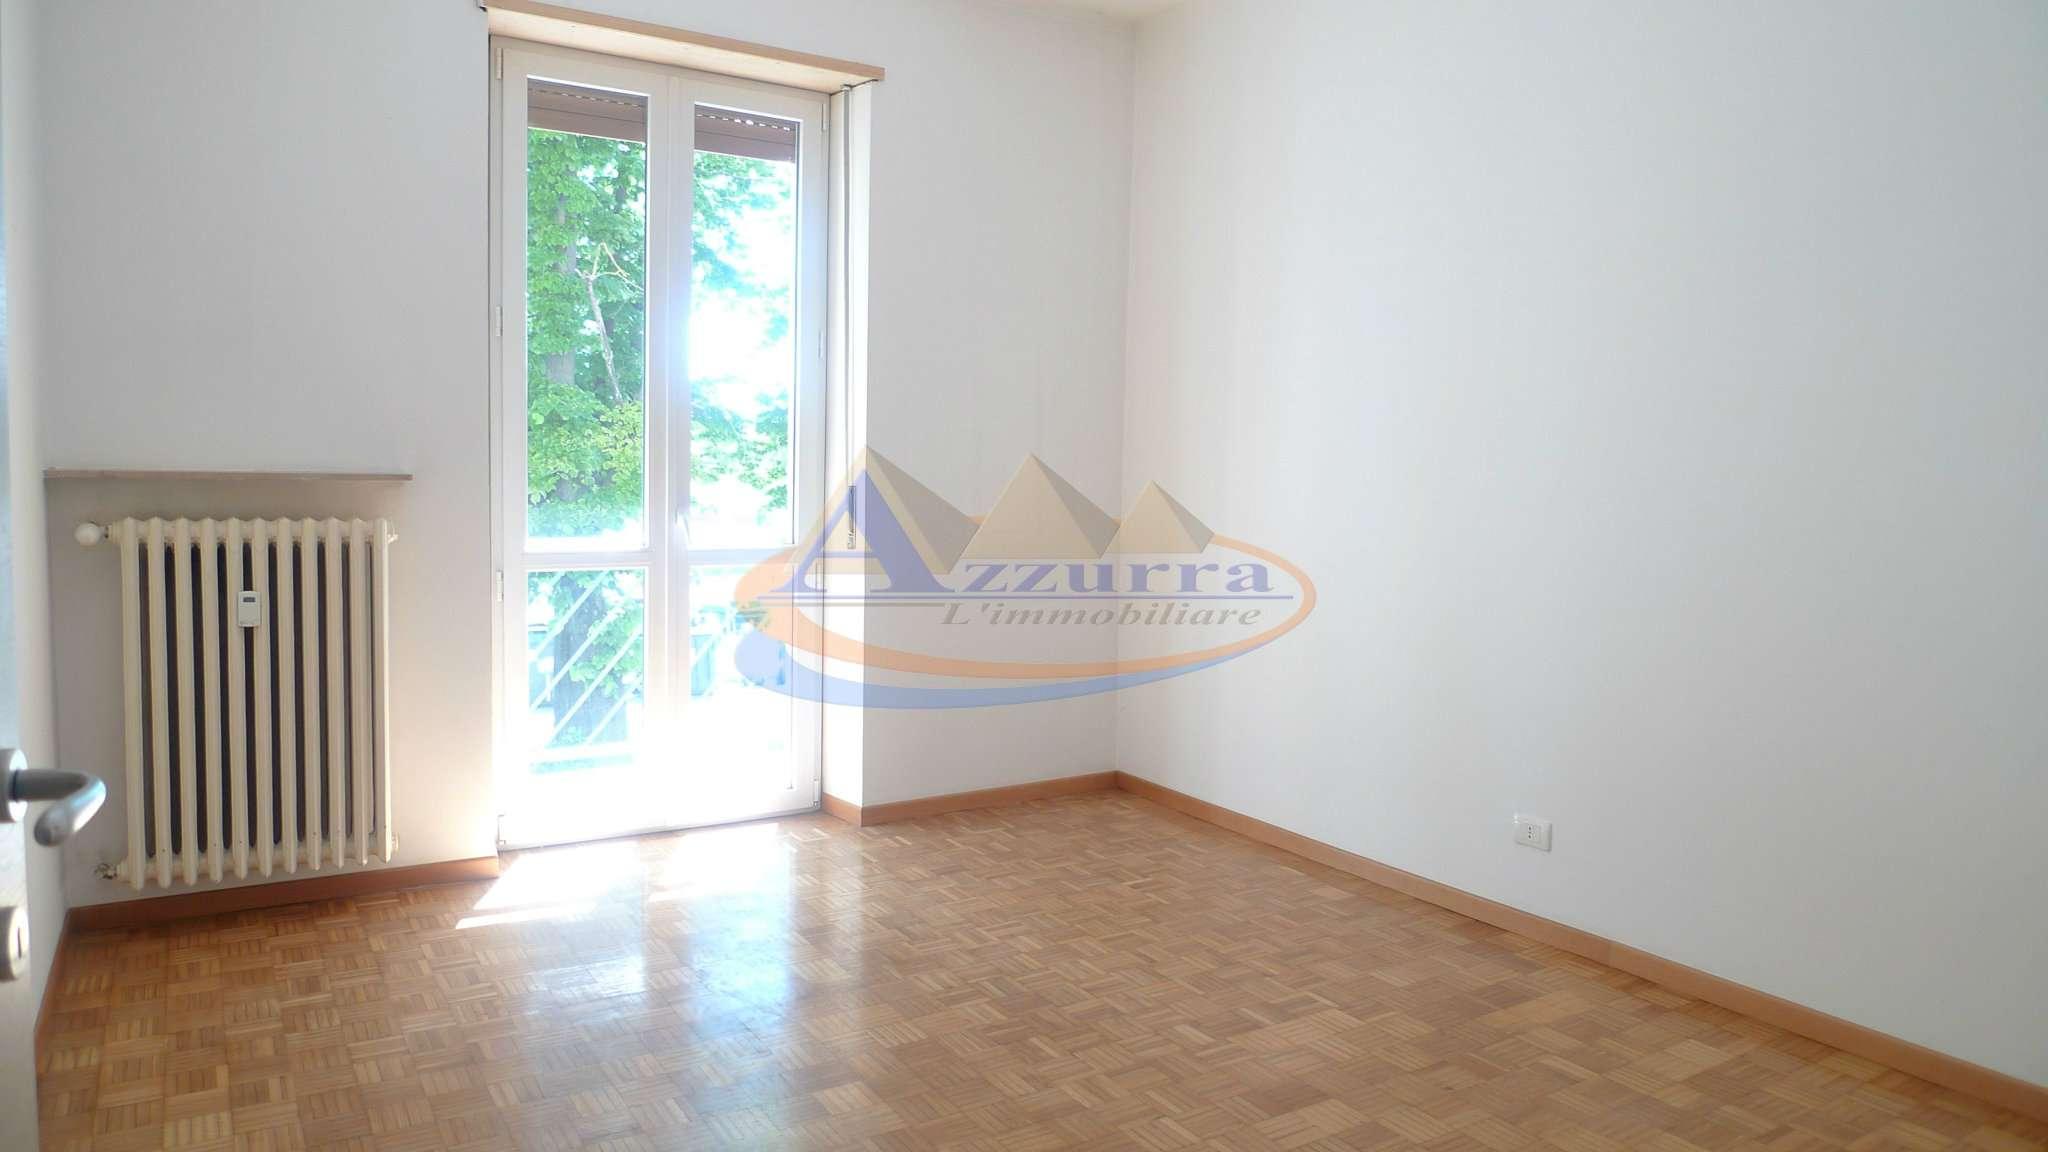 Appartamento in affitto a Alessandria, 5 locali, prezzo € 340 | CambioCasa.it